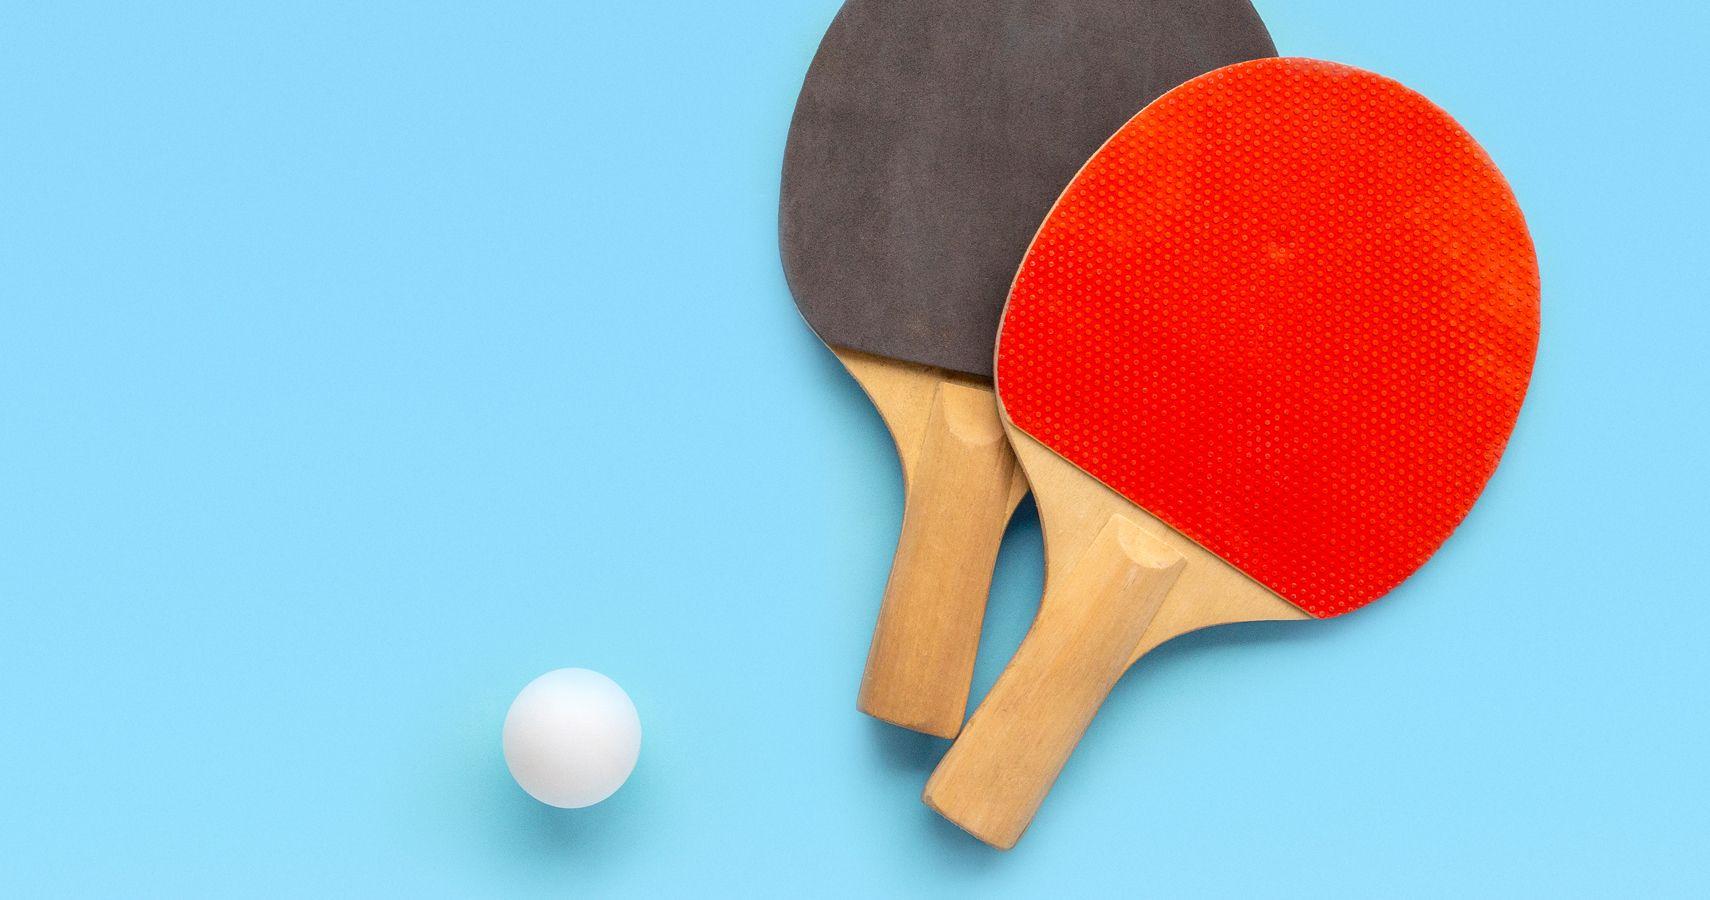 Toddler Playing Ping Pong: Jiang Yunbo | Moms.com